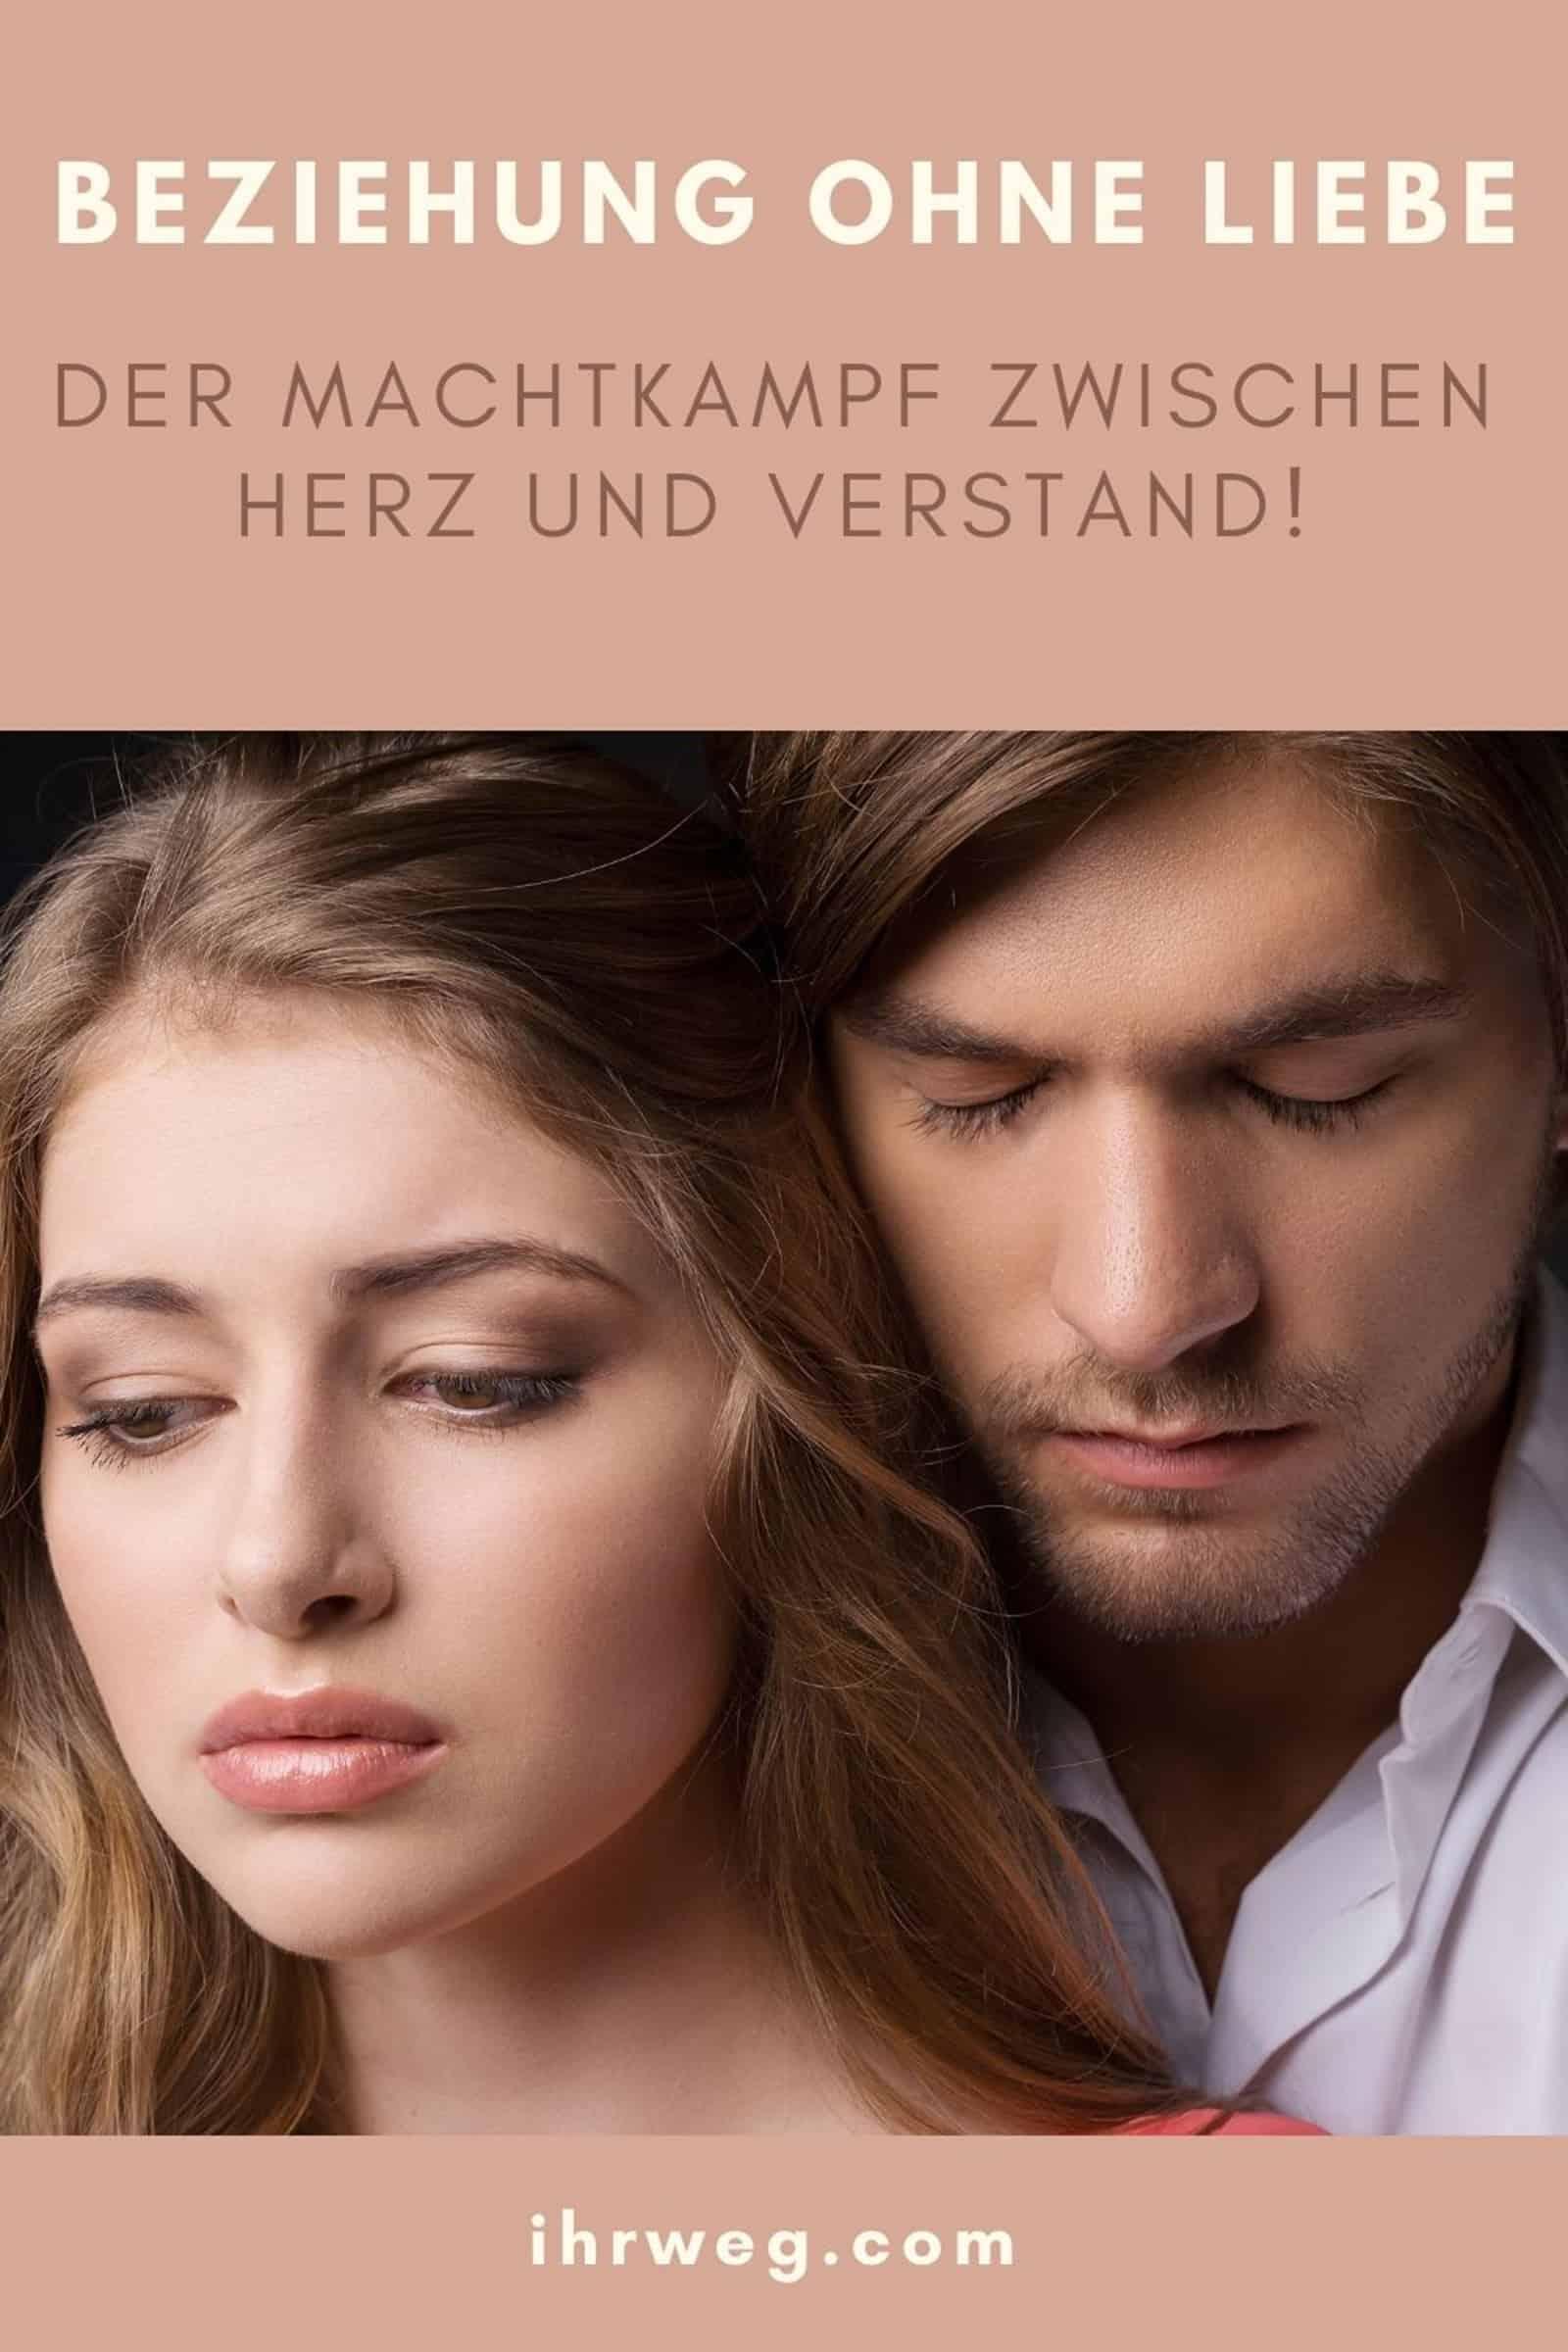 Beziehung Ohne Liebe Der Machtkampf Zwischen Herz Und Verstand!